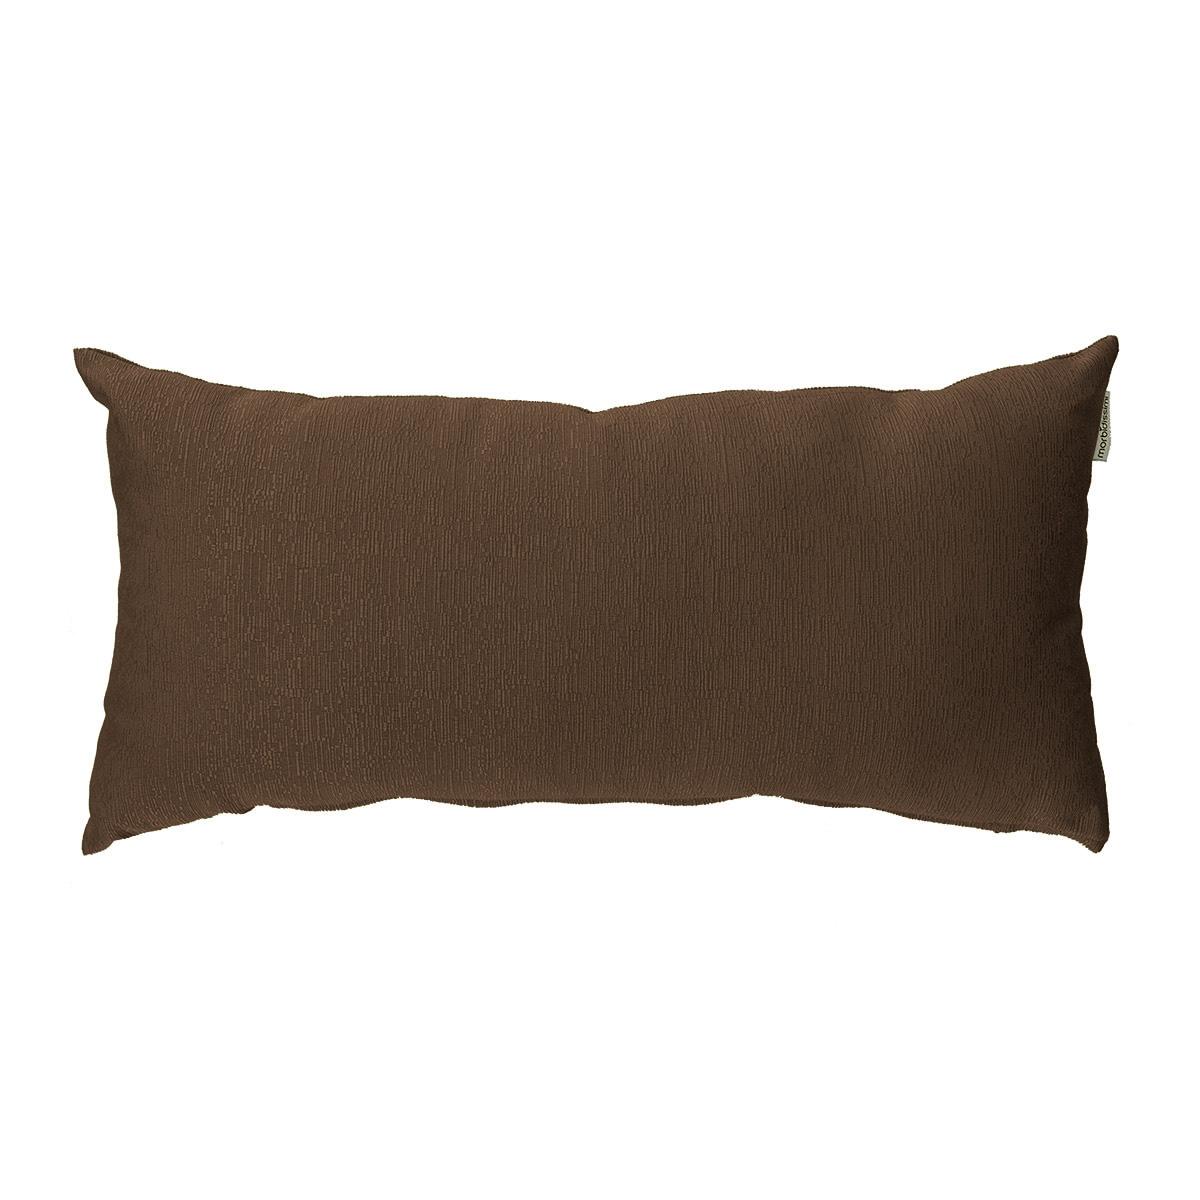 cuscino arredo rettangolare marrone